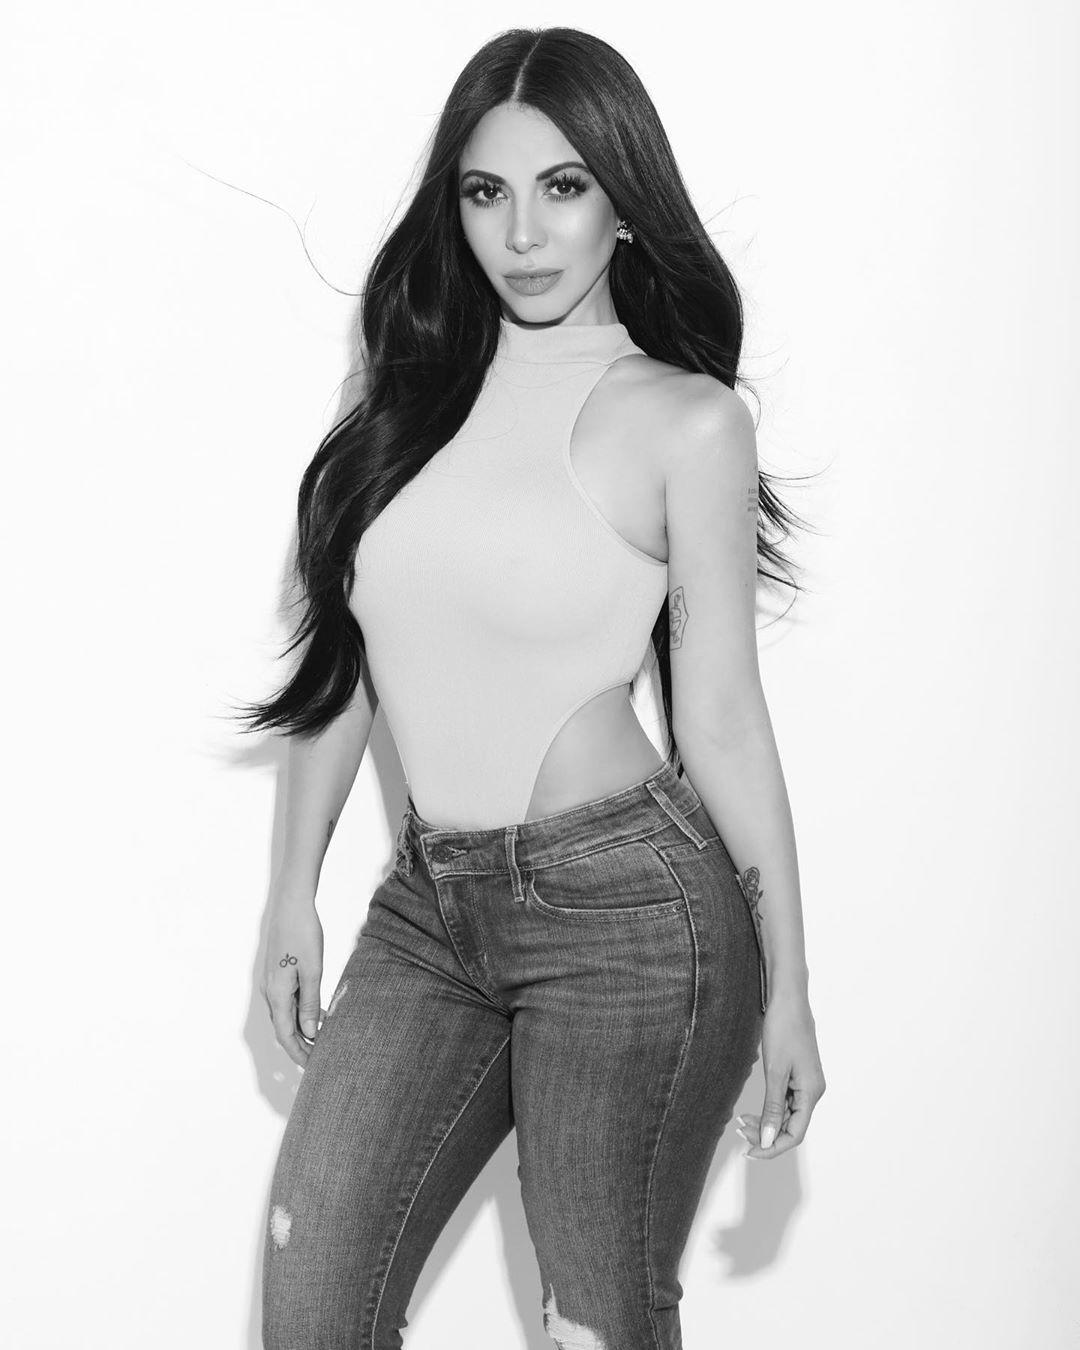 Check these perfect fashion model, Jimena Sanchez